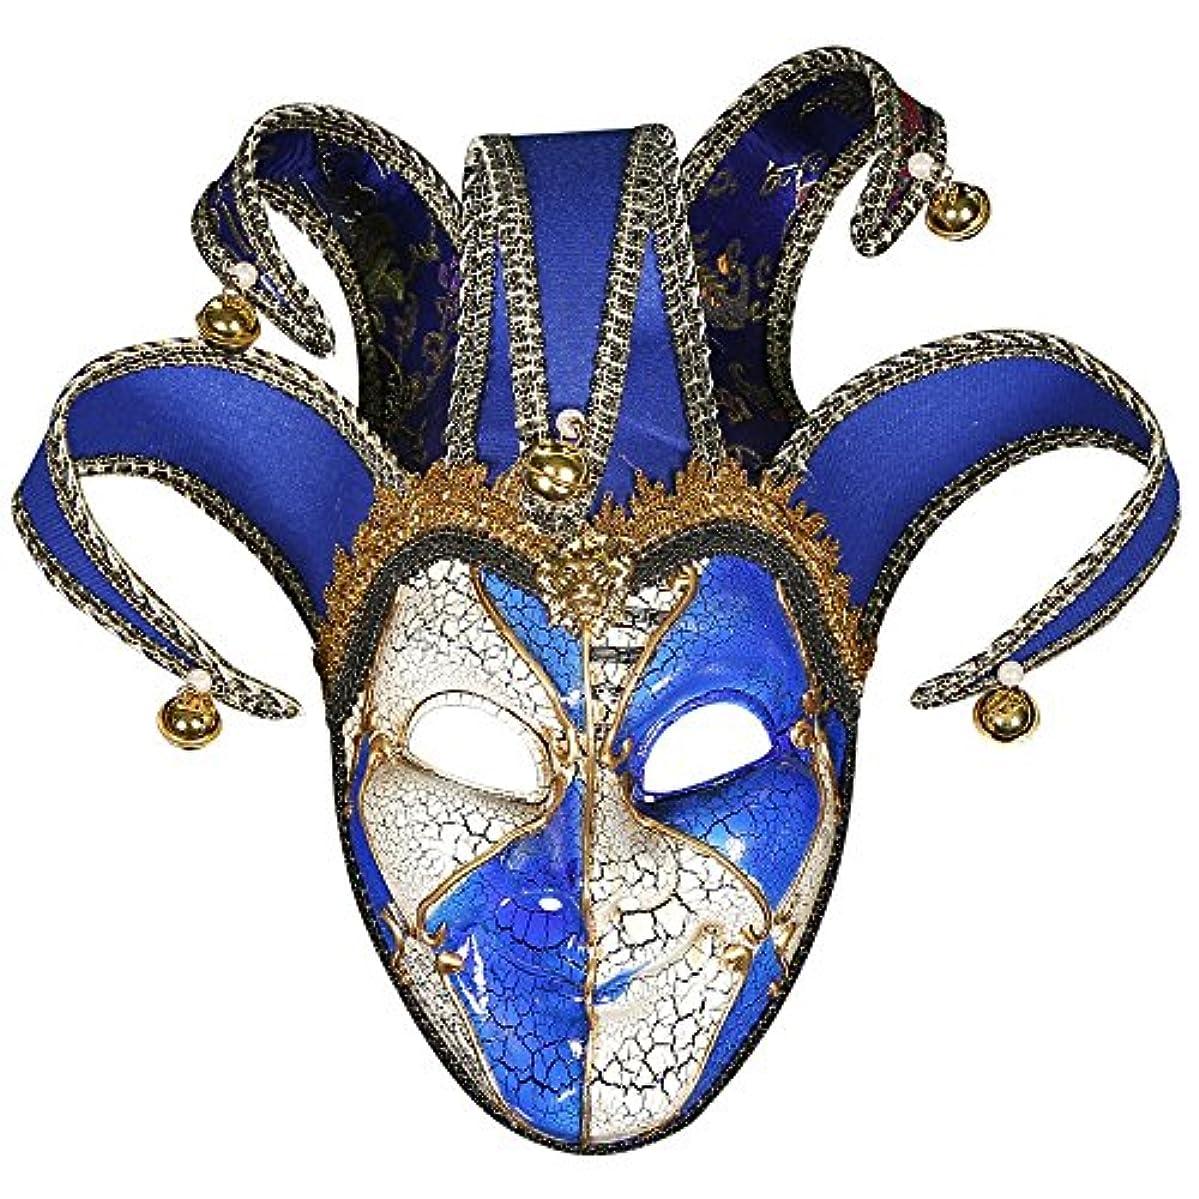 収入砂ロックハイエンドの美しいクラックフェスティバル仮面舞踏会マスクハロウィーン誕生日パーティーピエロマスク (Color : A)